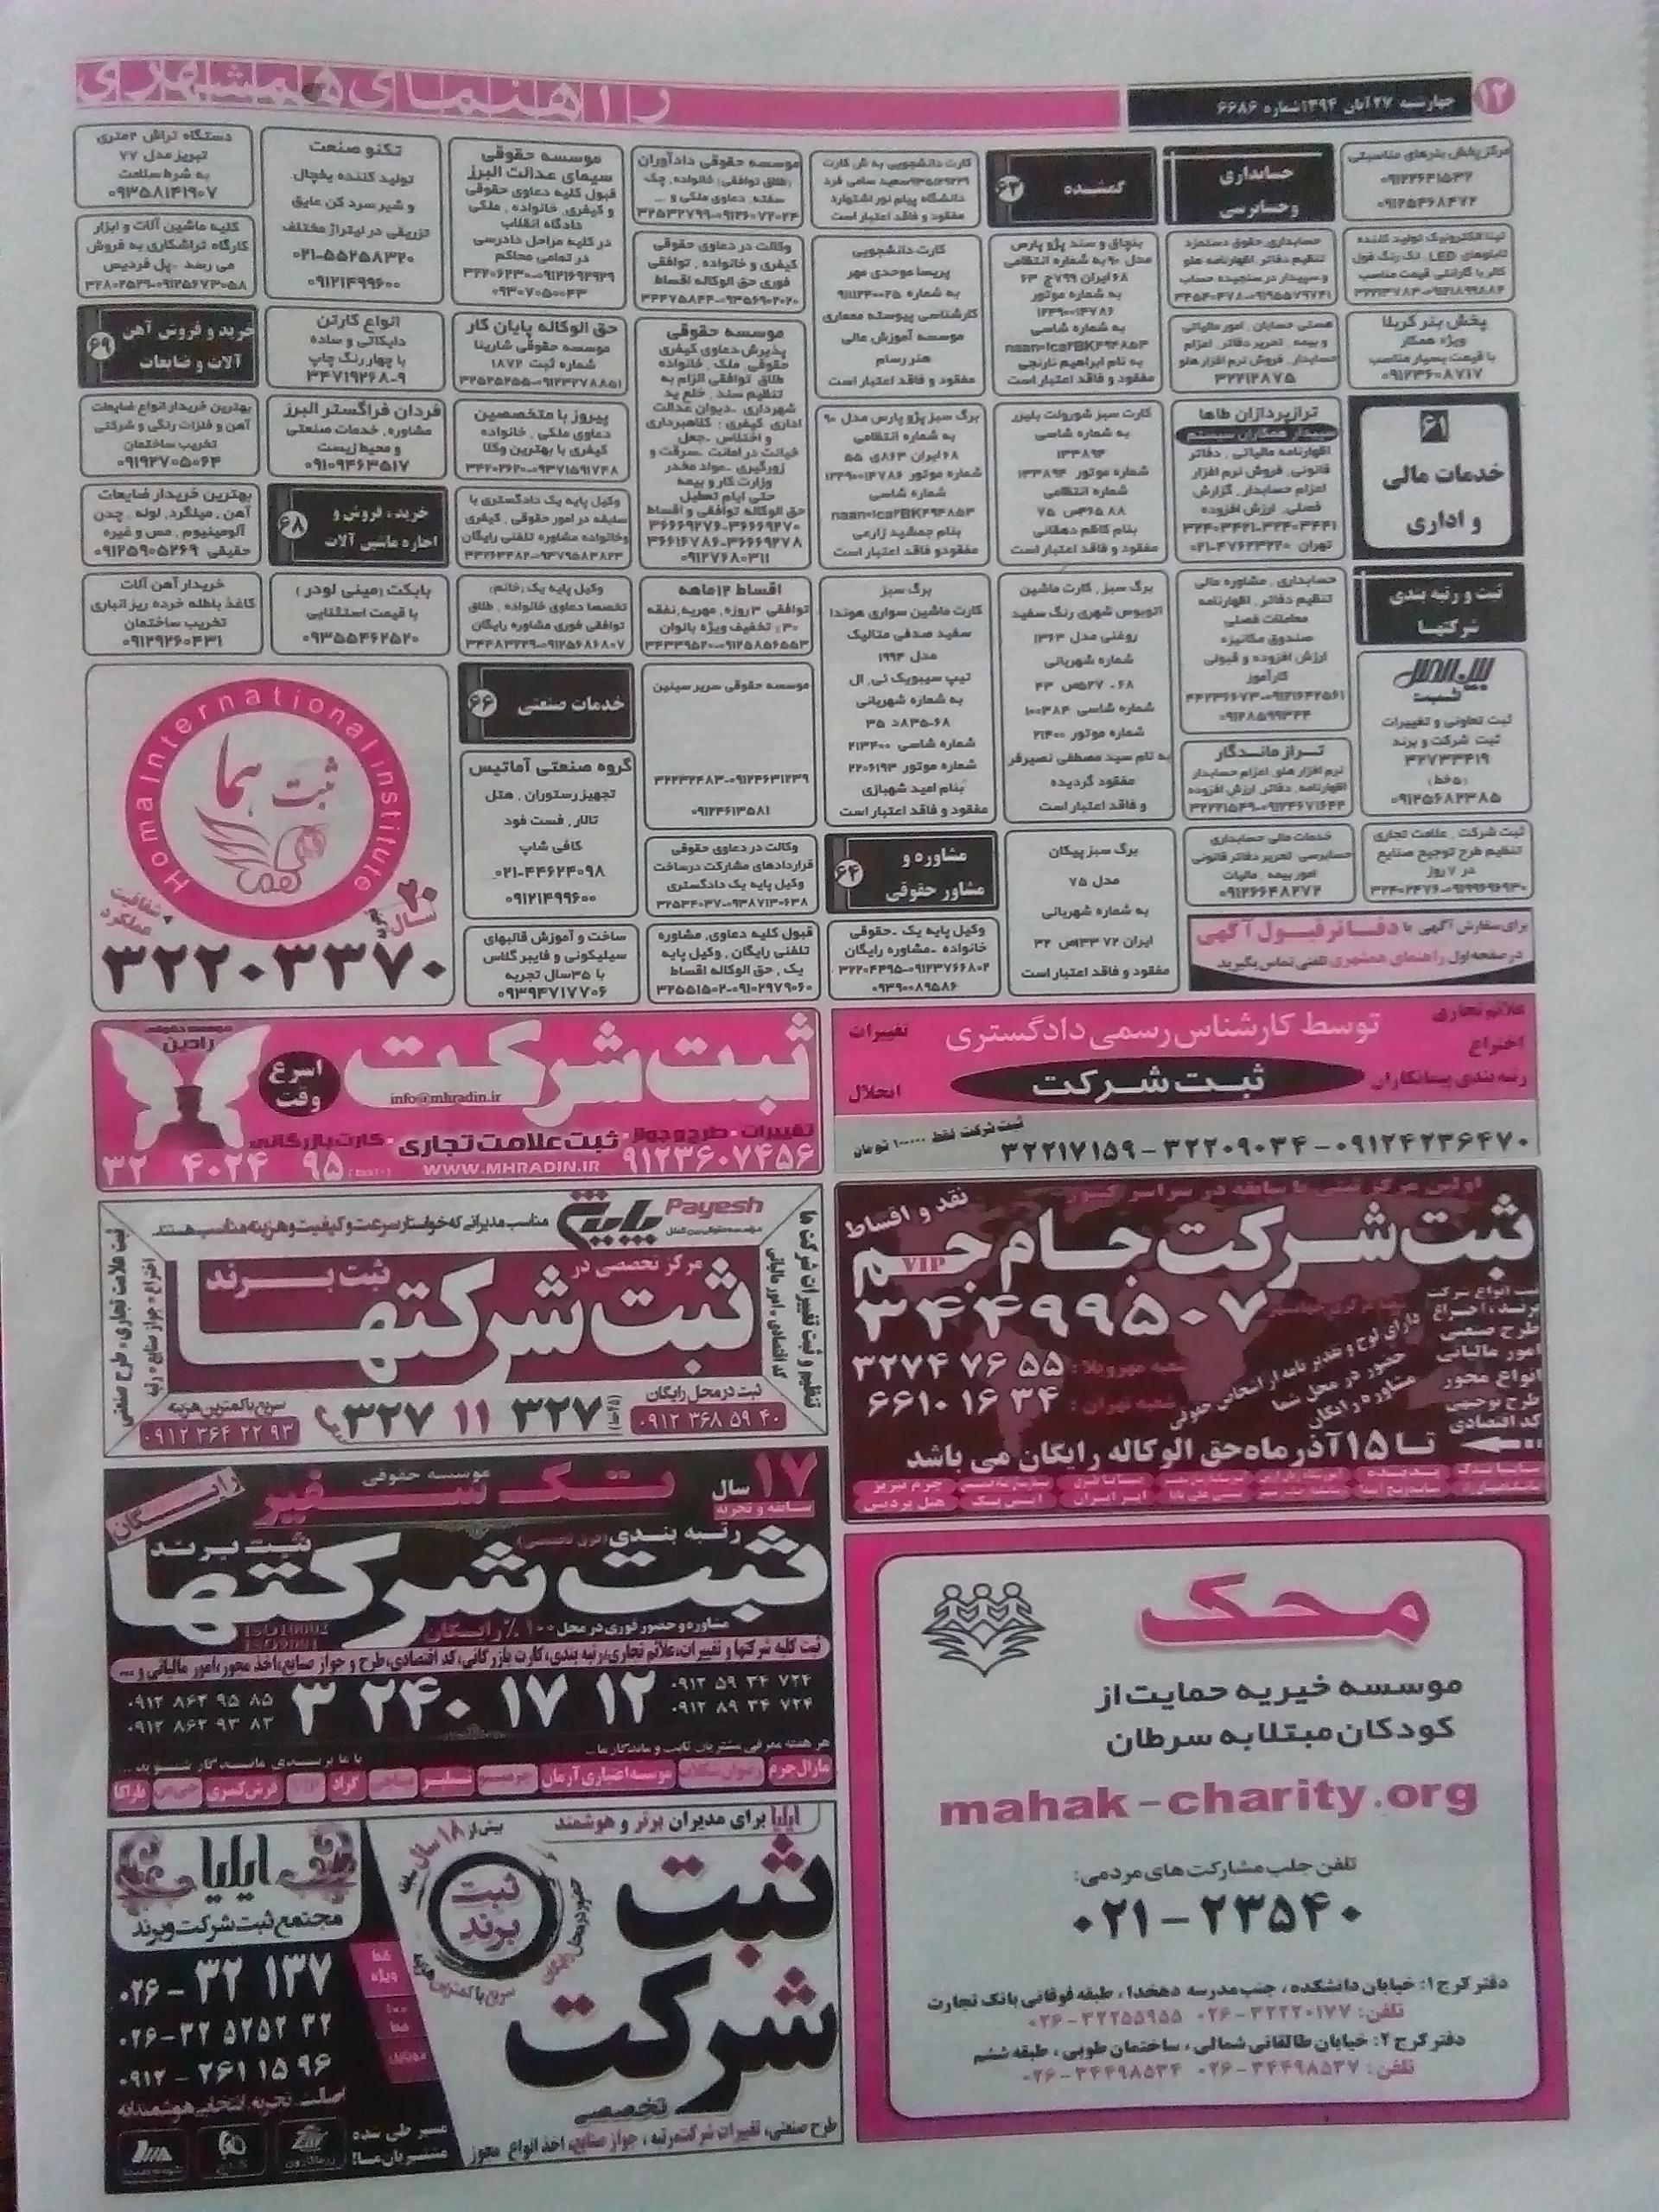 نیازمندیهای روزنامه همشهری کرجنیازمندیهای همشهری استان البرز دو شنبه 27 آبان 94